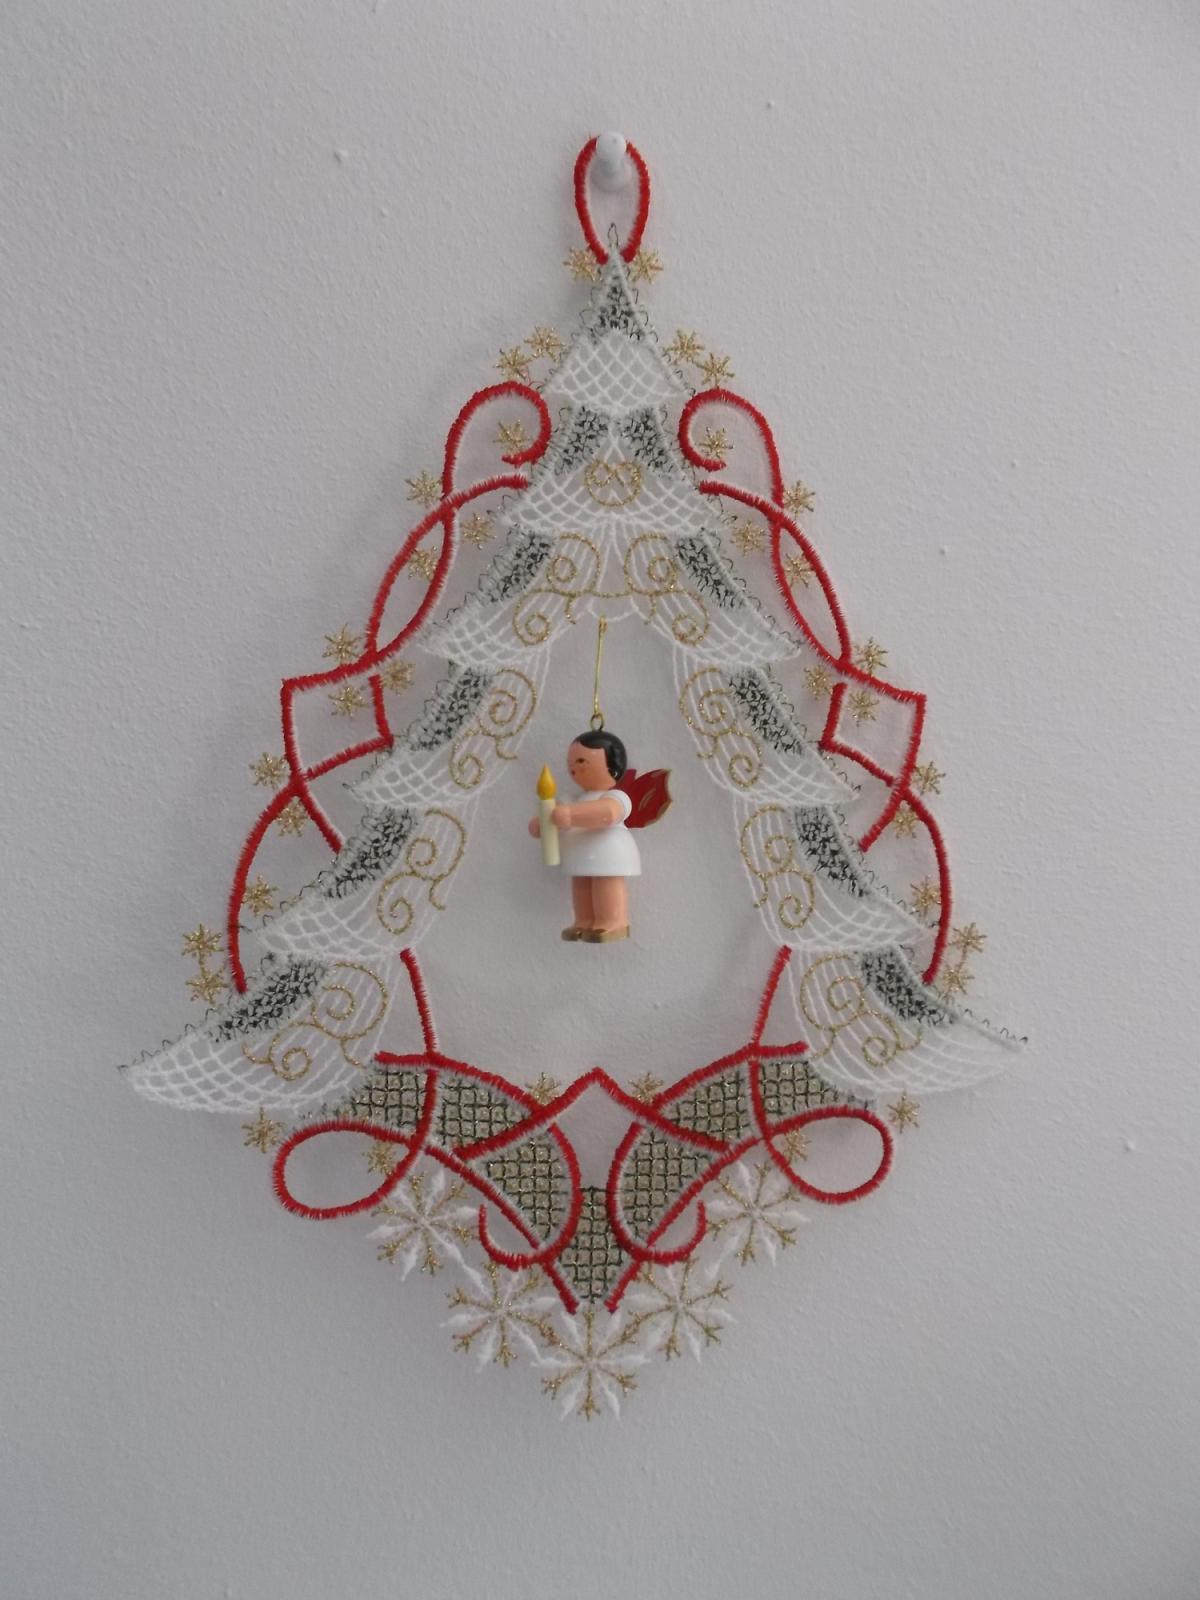 Fensterbild plauener spitze tannenbaum mit engel neu - Plauener spitze fensterbild ...